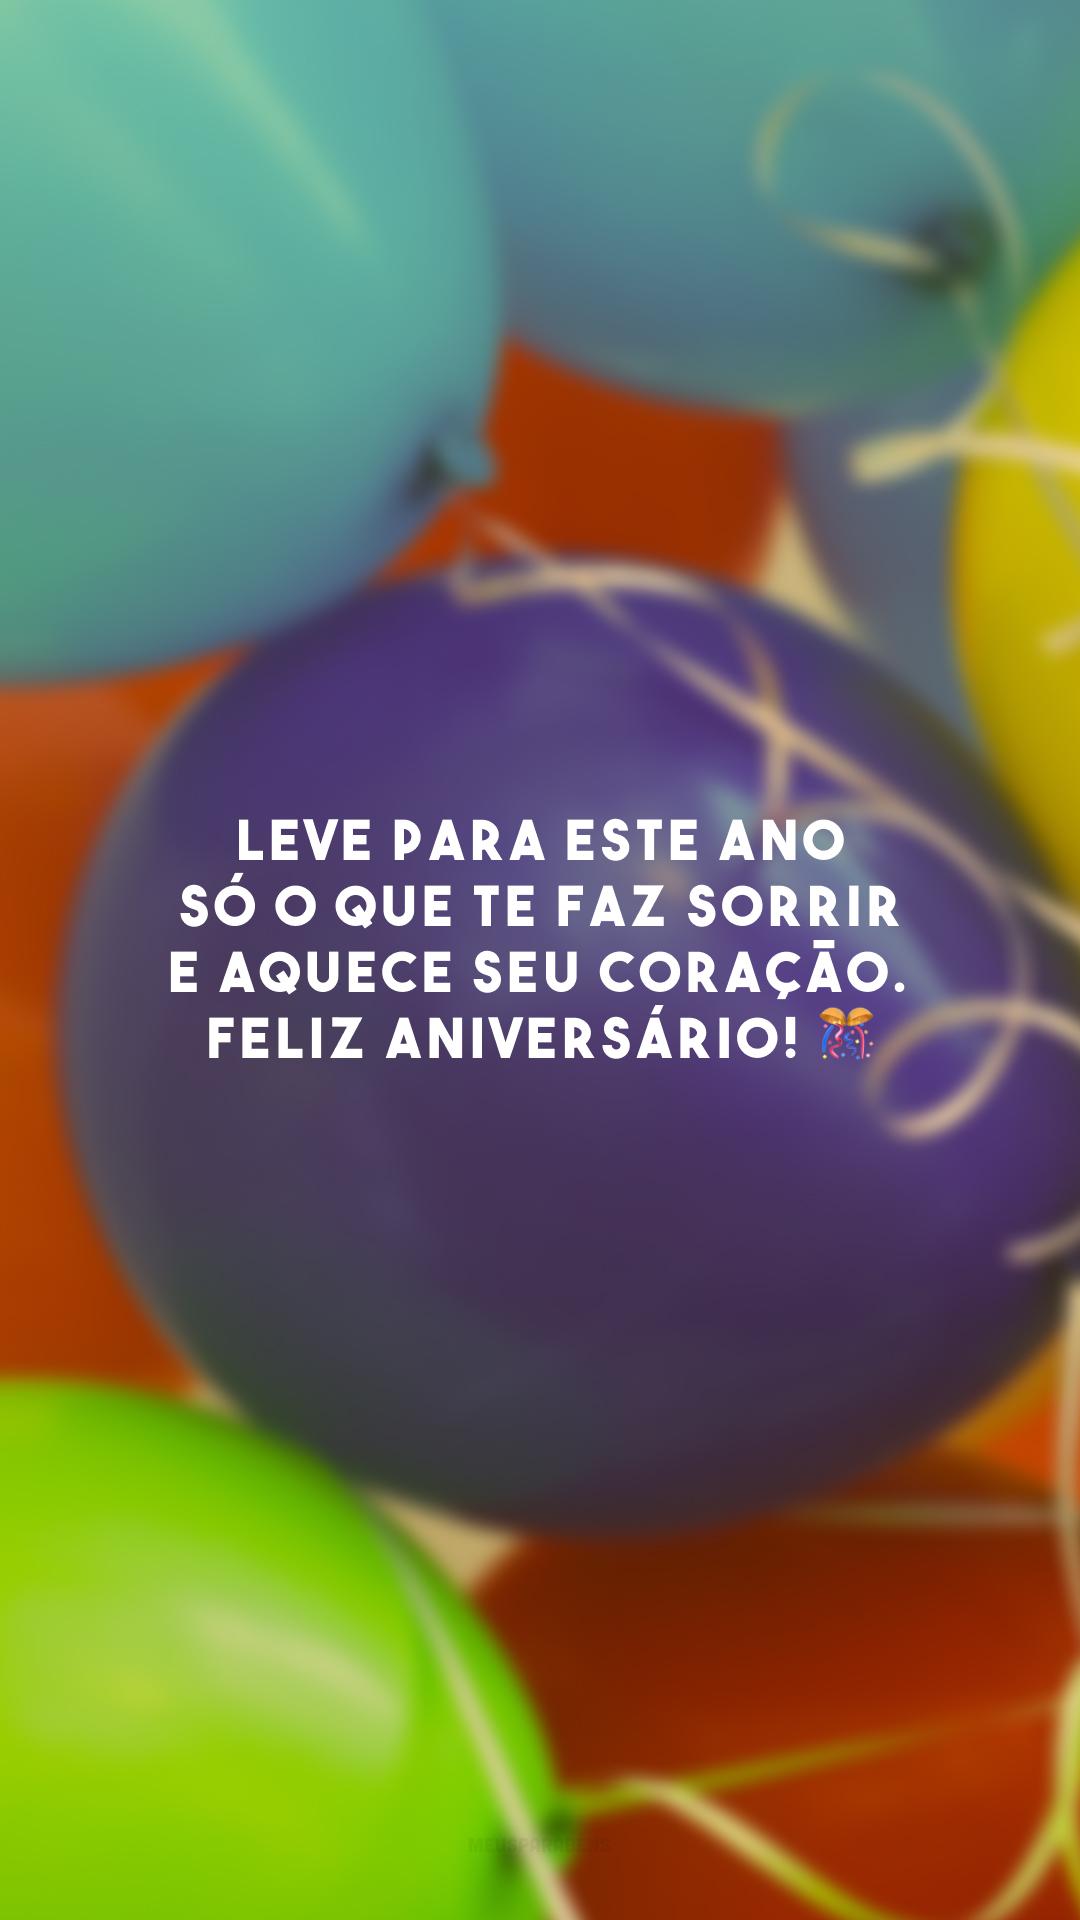 Leve para este ano só o que te faz sorrir e aquece seu coração. Feliz aniversário! 🎊